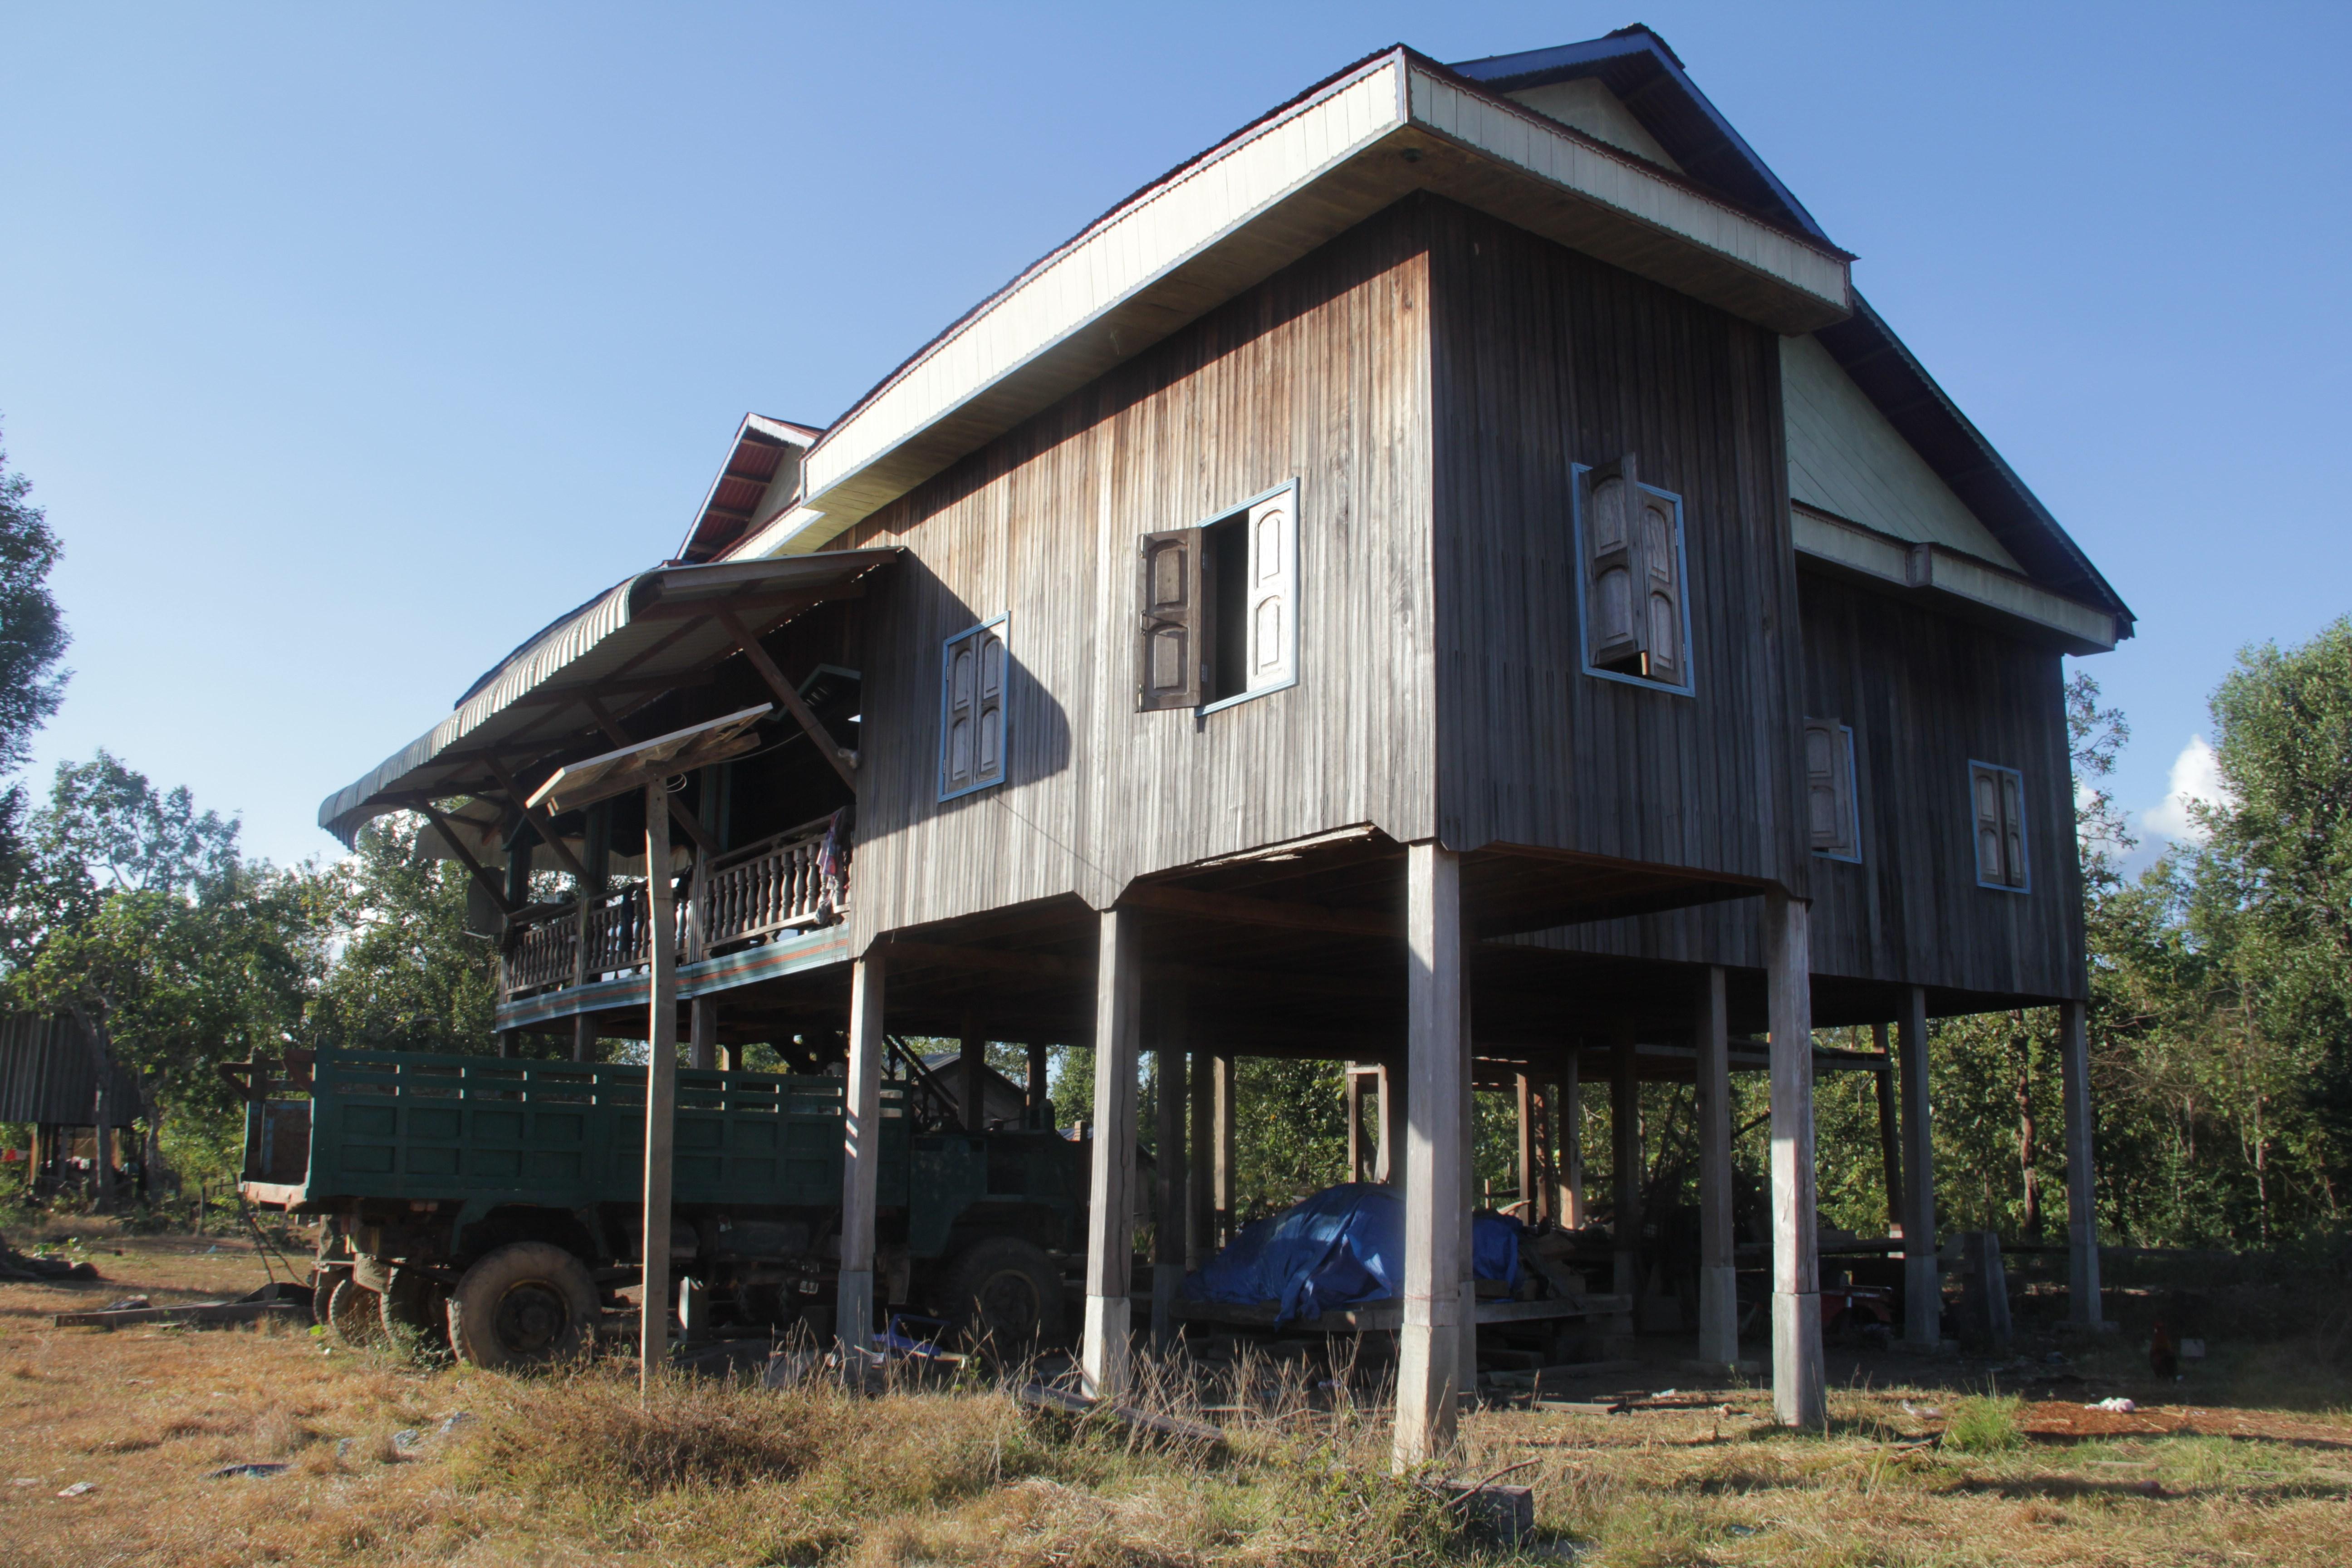 Cette belle maison sur pilotis abrite un camion (© Jérôme Decoster).